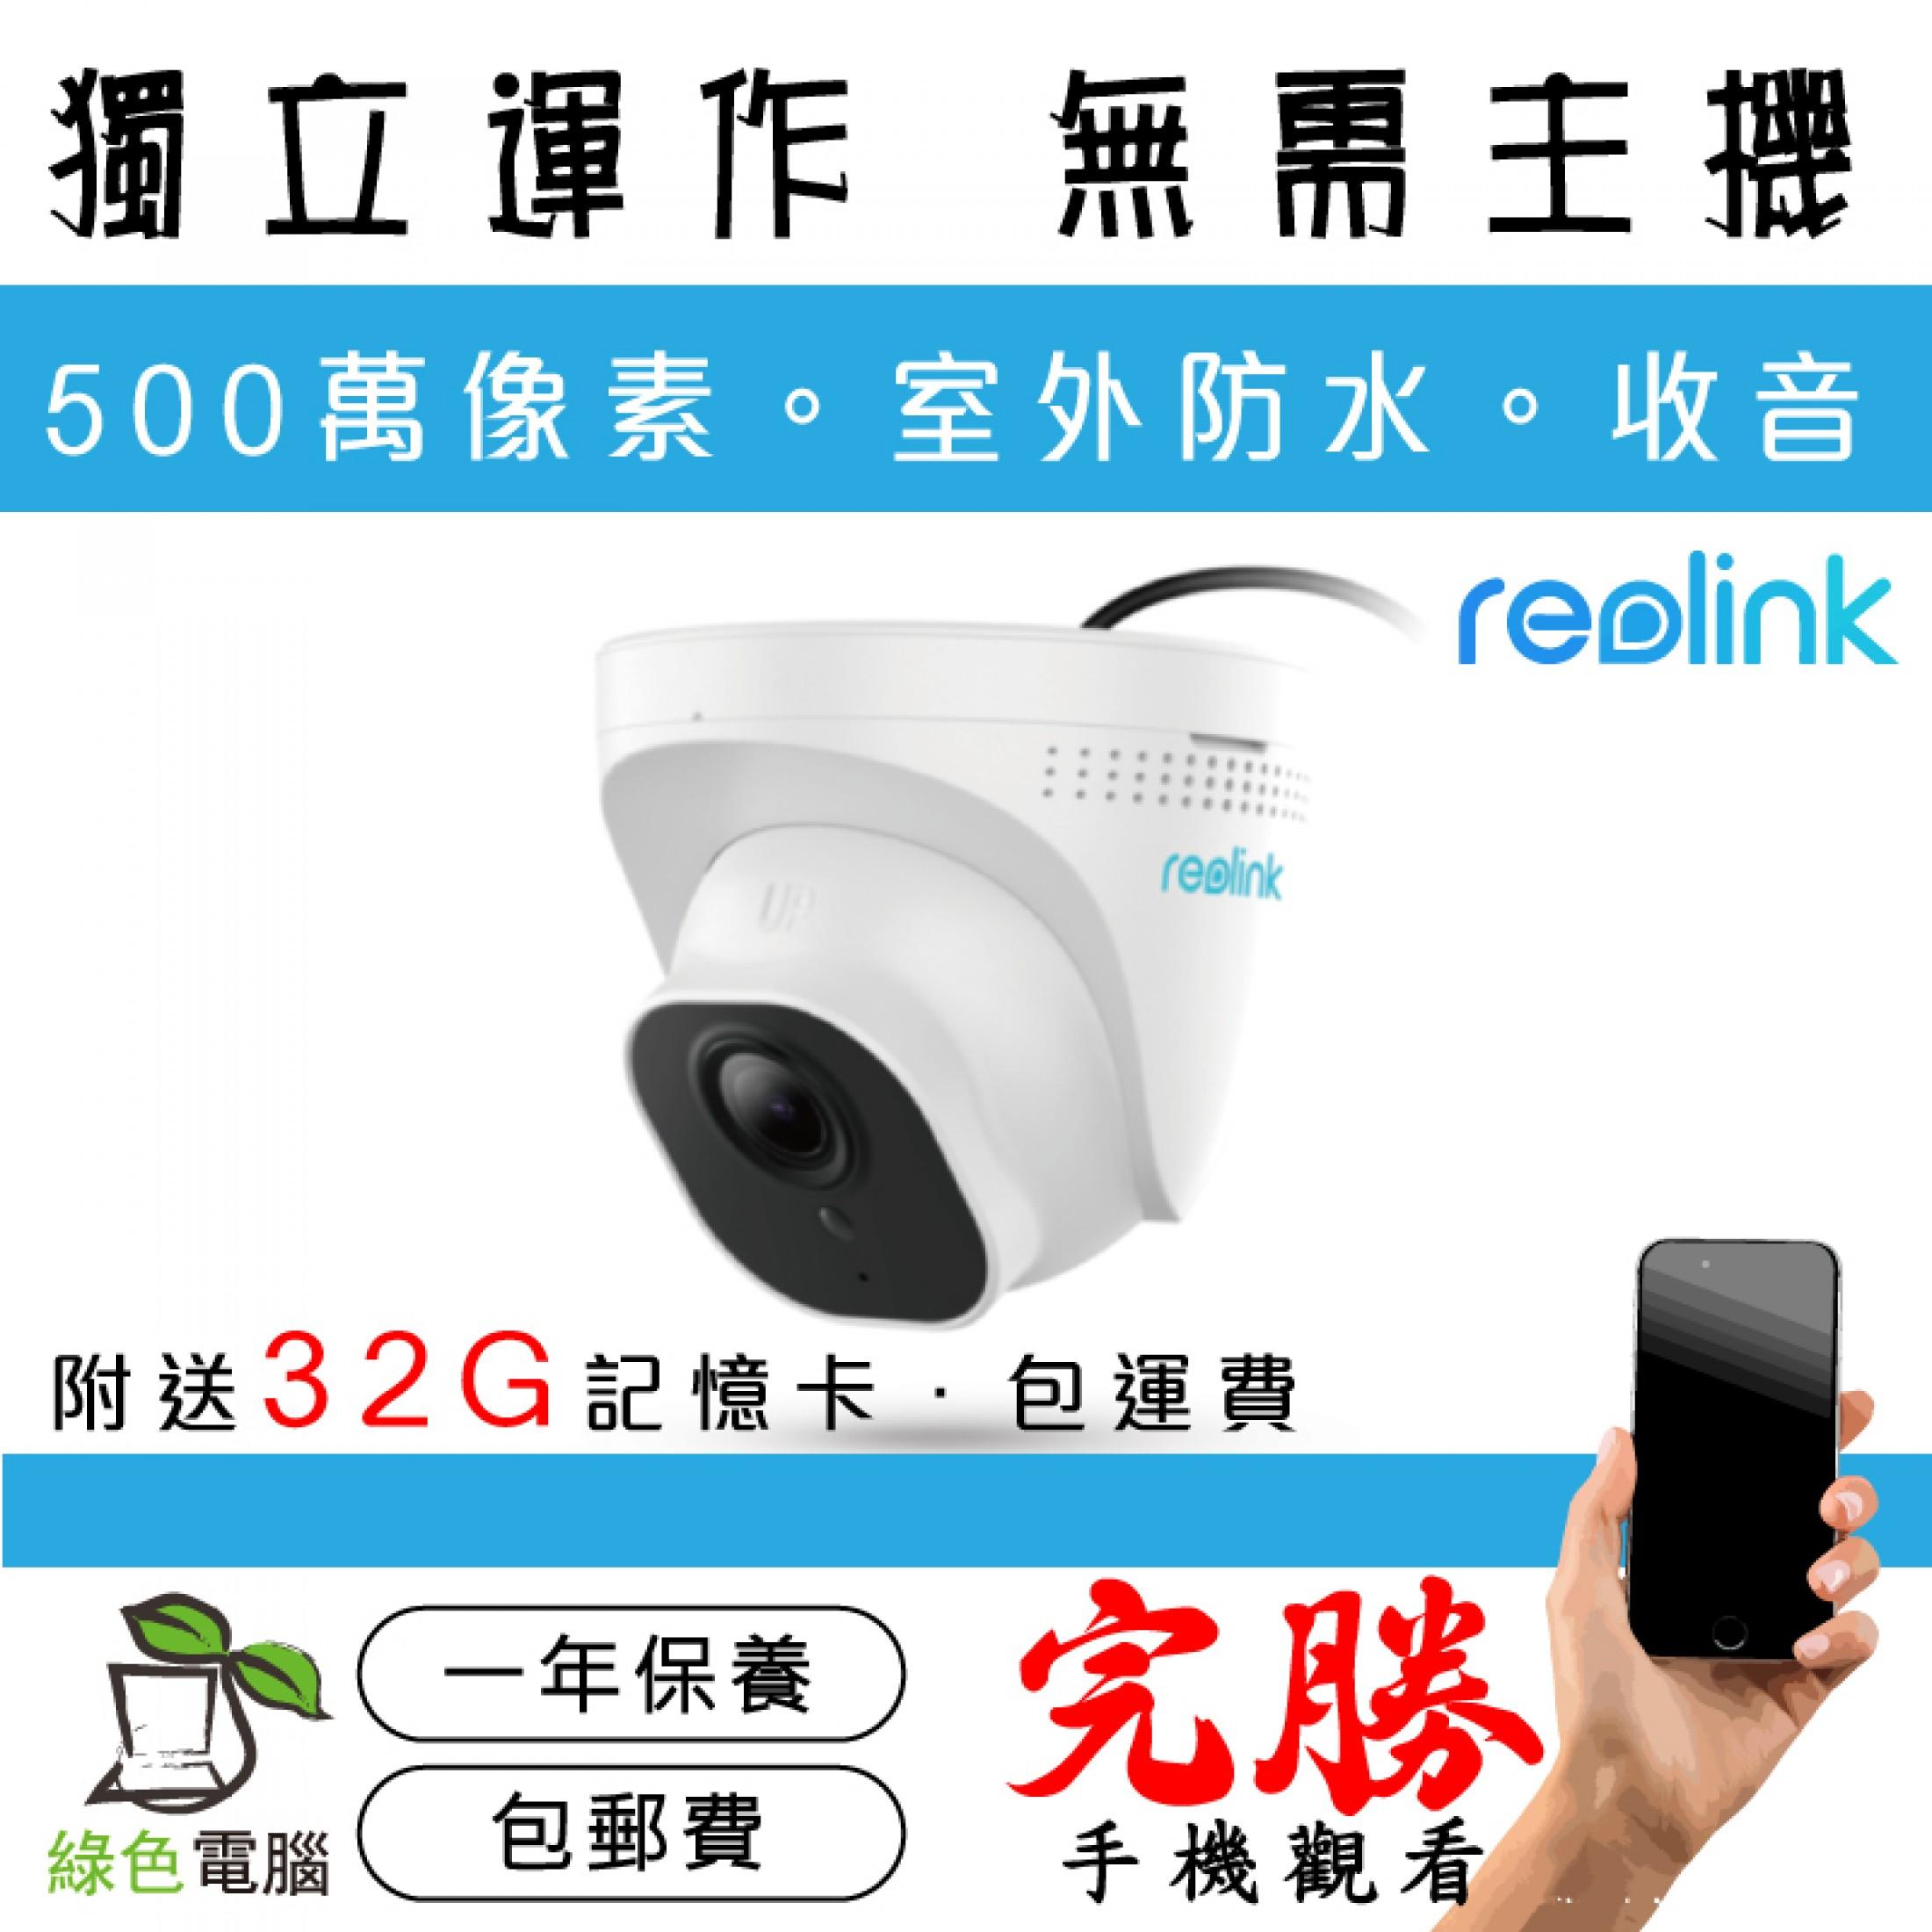 小店必備 - Reolink RLC-520 (半圓型) 500萬像素獨立鏡頭